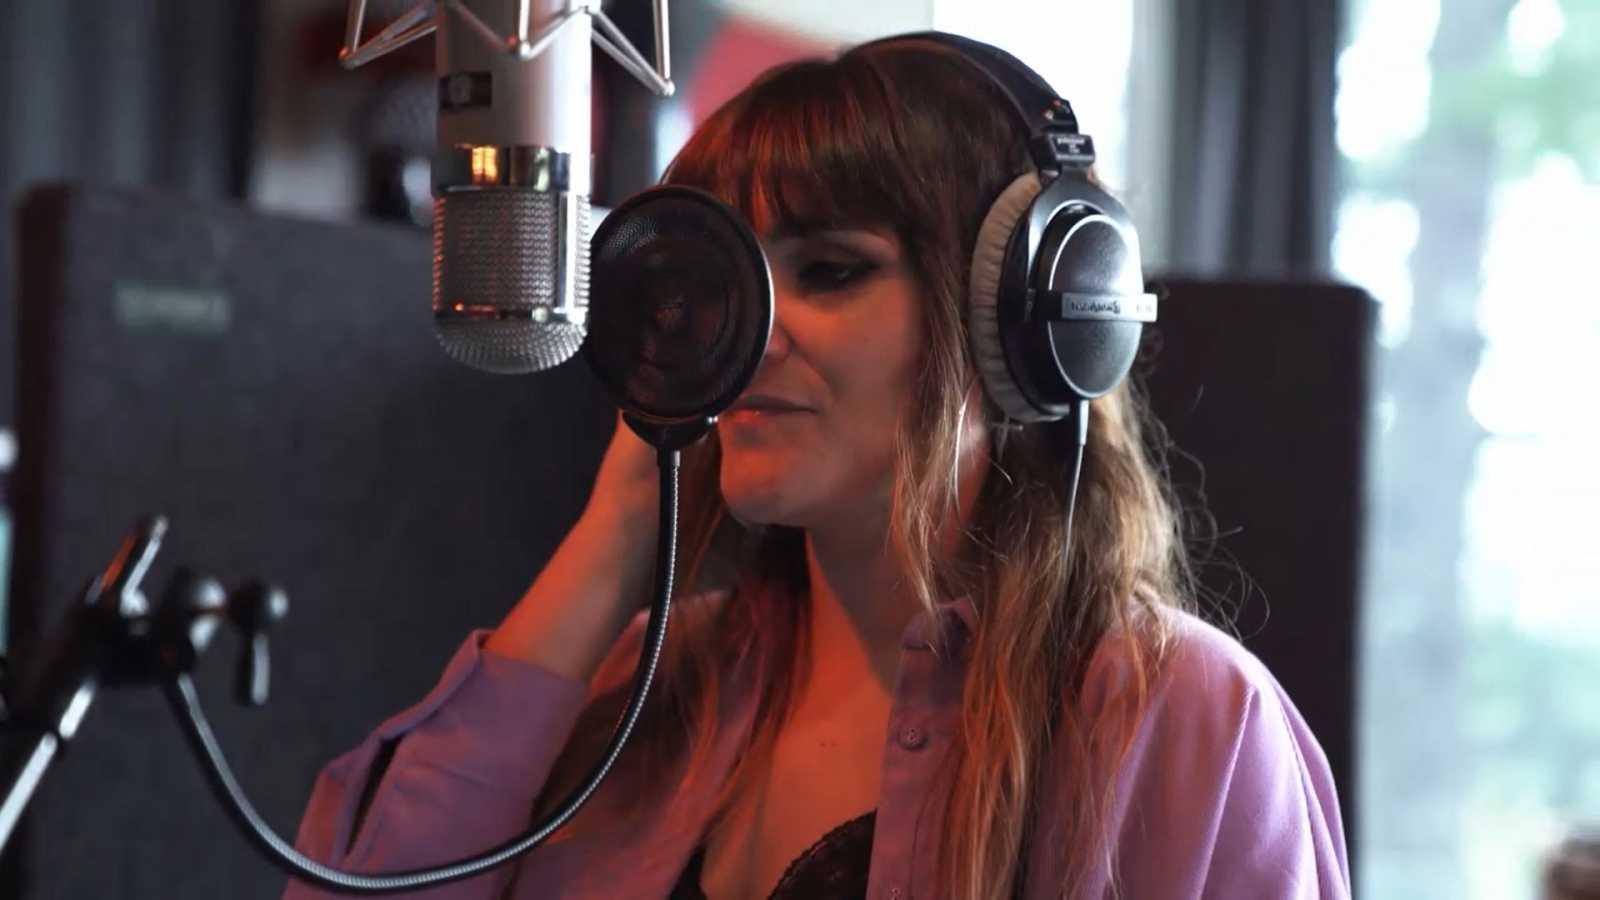 Rozalén pone voz a la cabecera de 'Cuéntame'